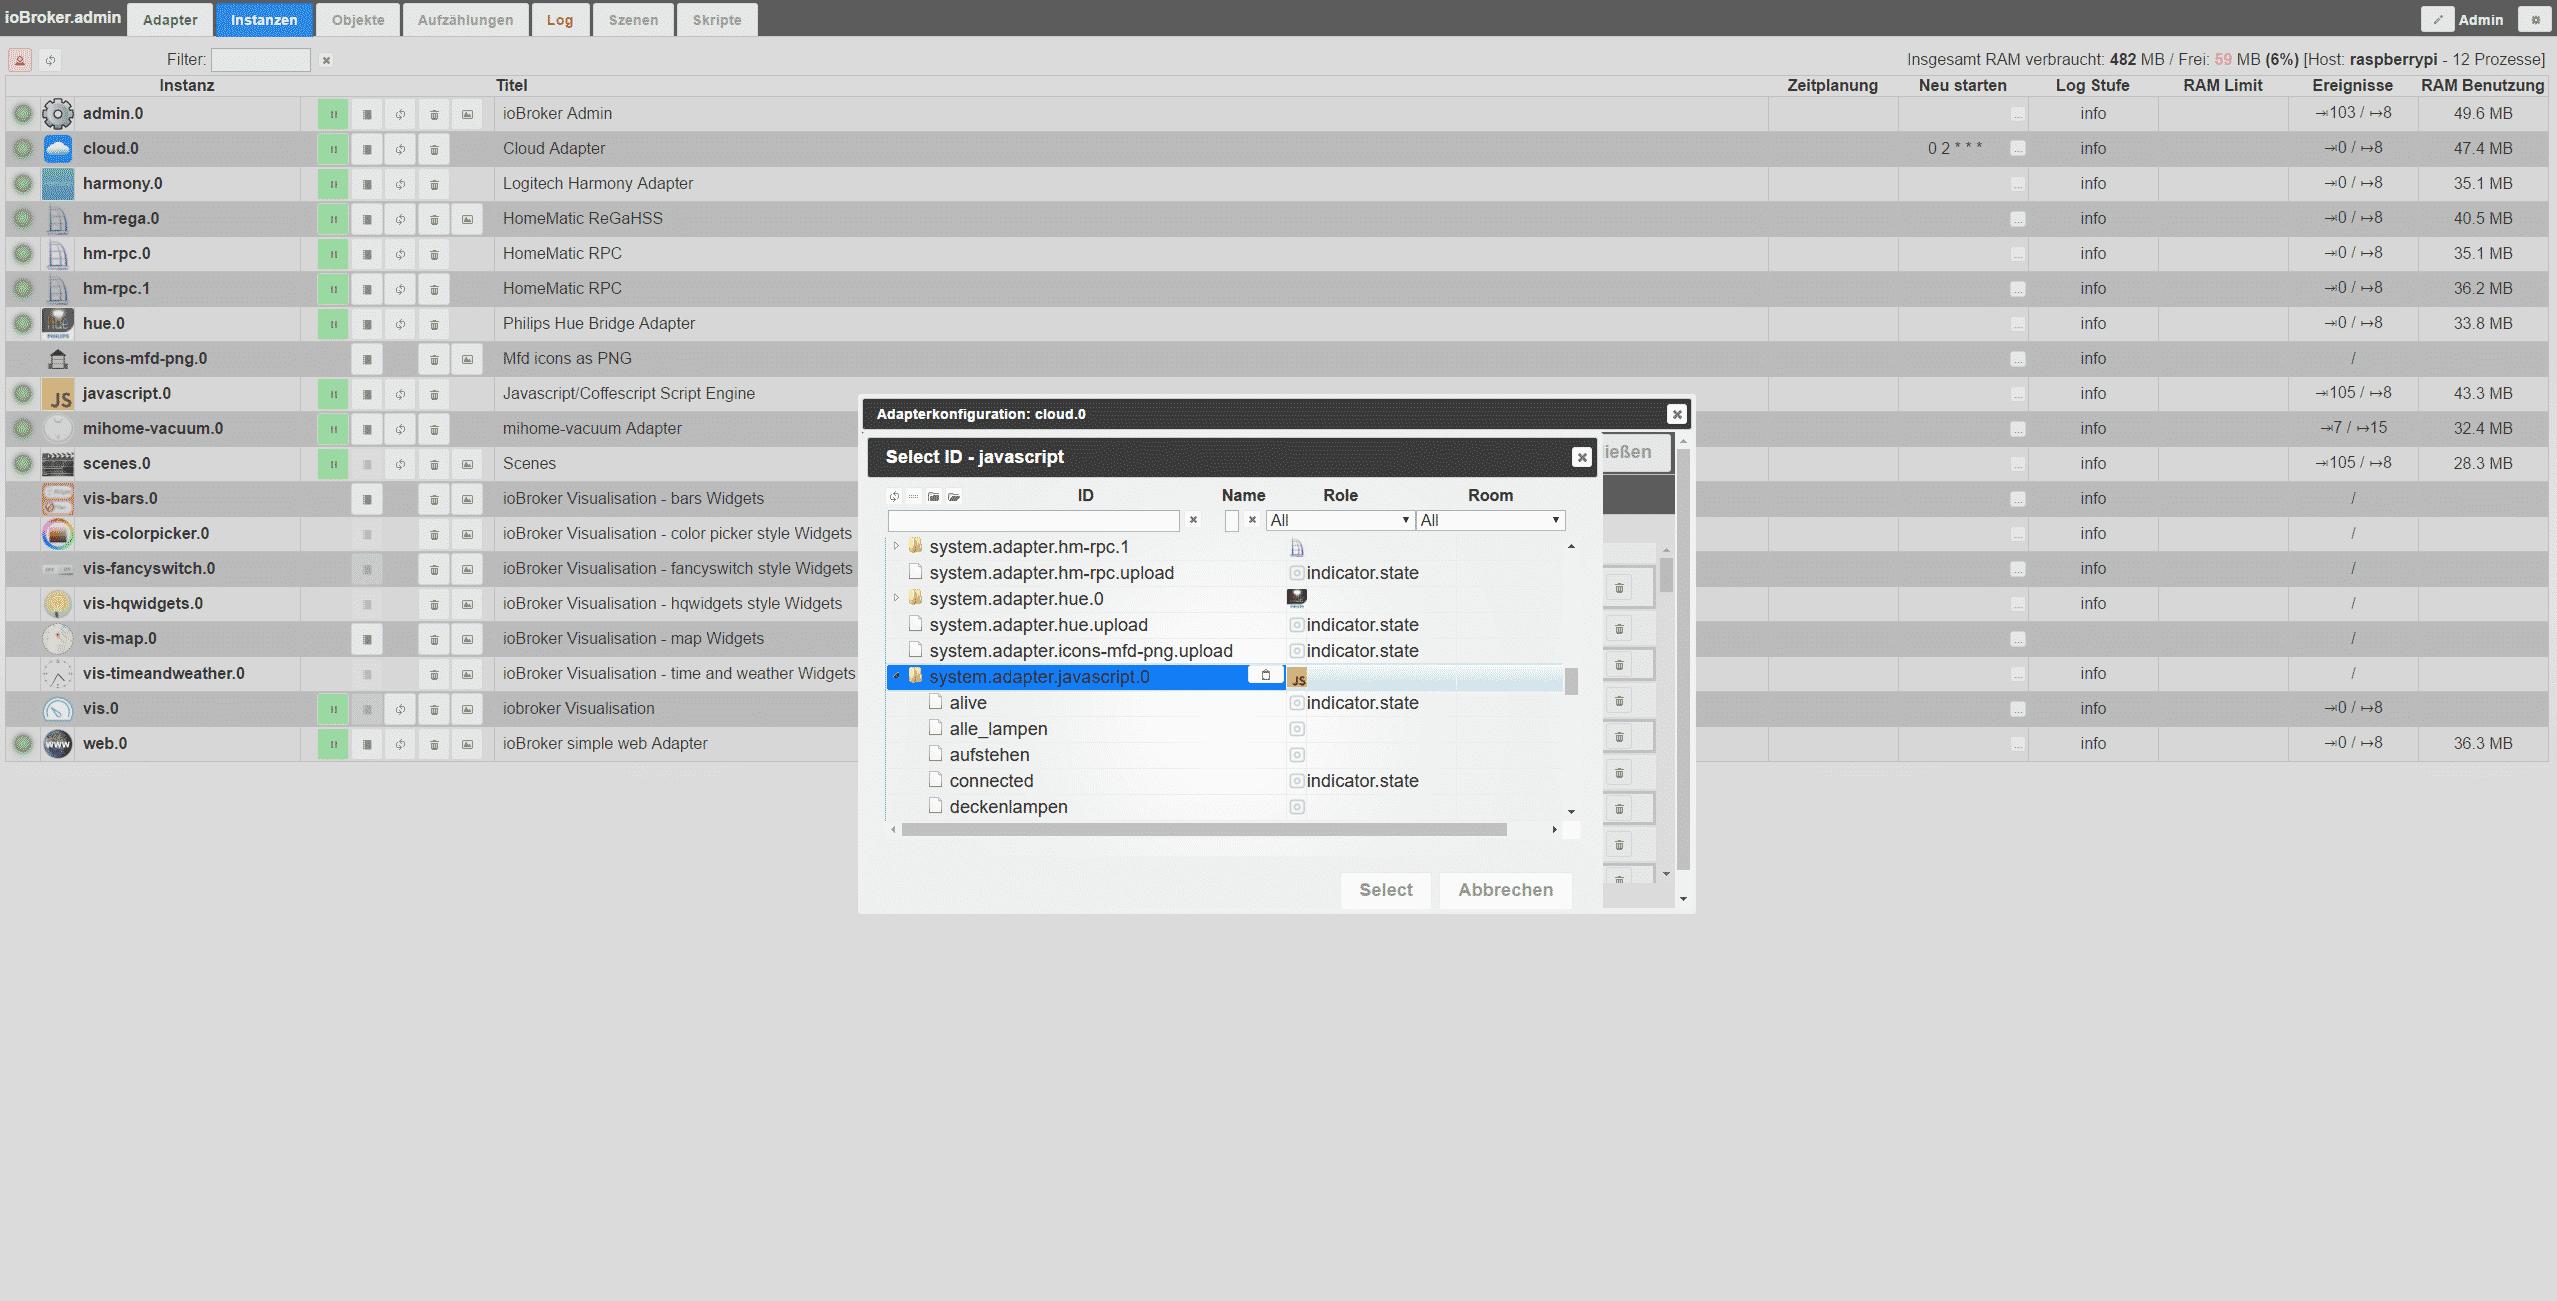 Szenen-in-ioBroker-erstellen-und-mit-Amazon-Alexa-steuern-14